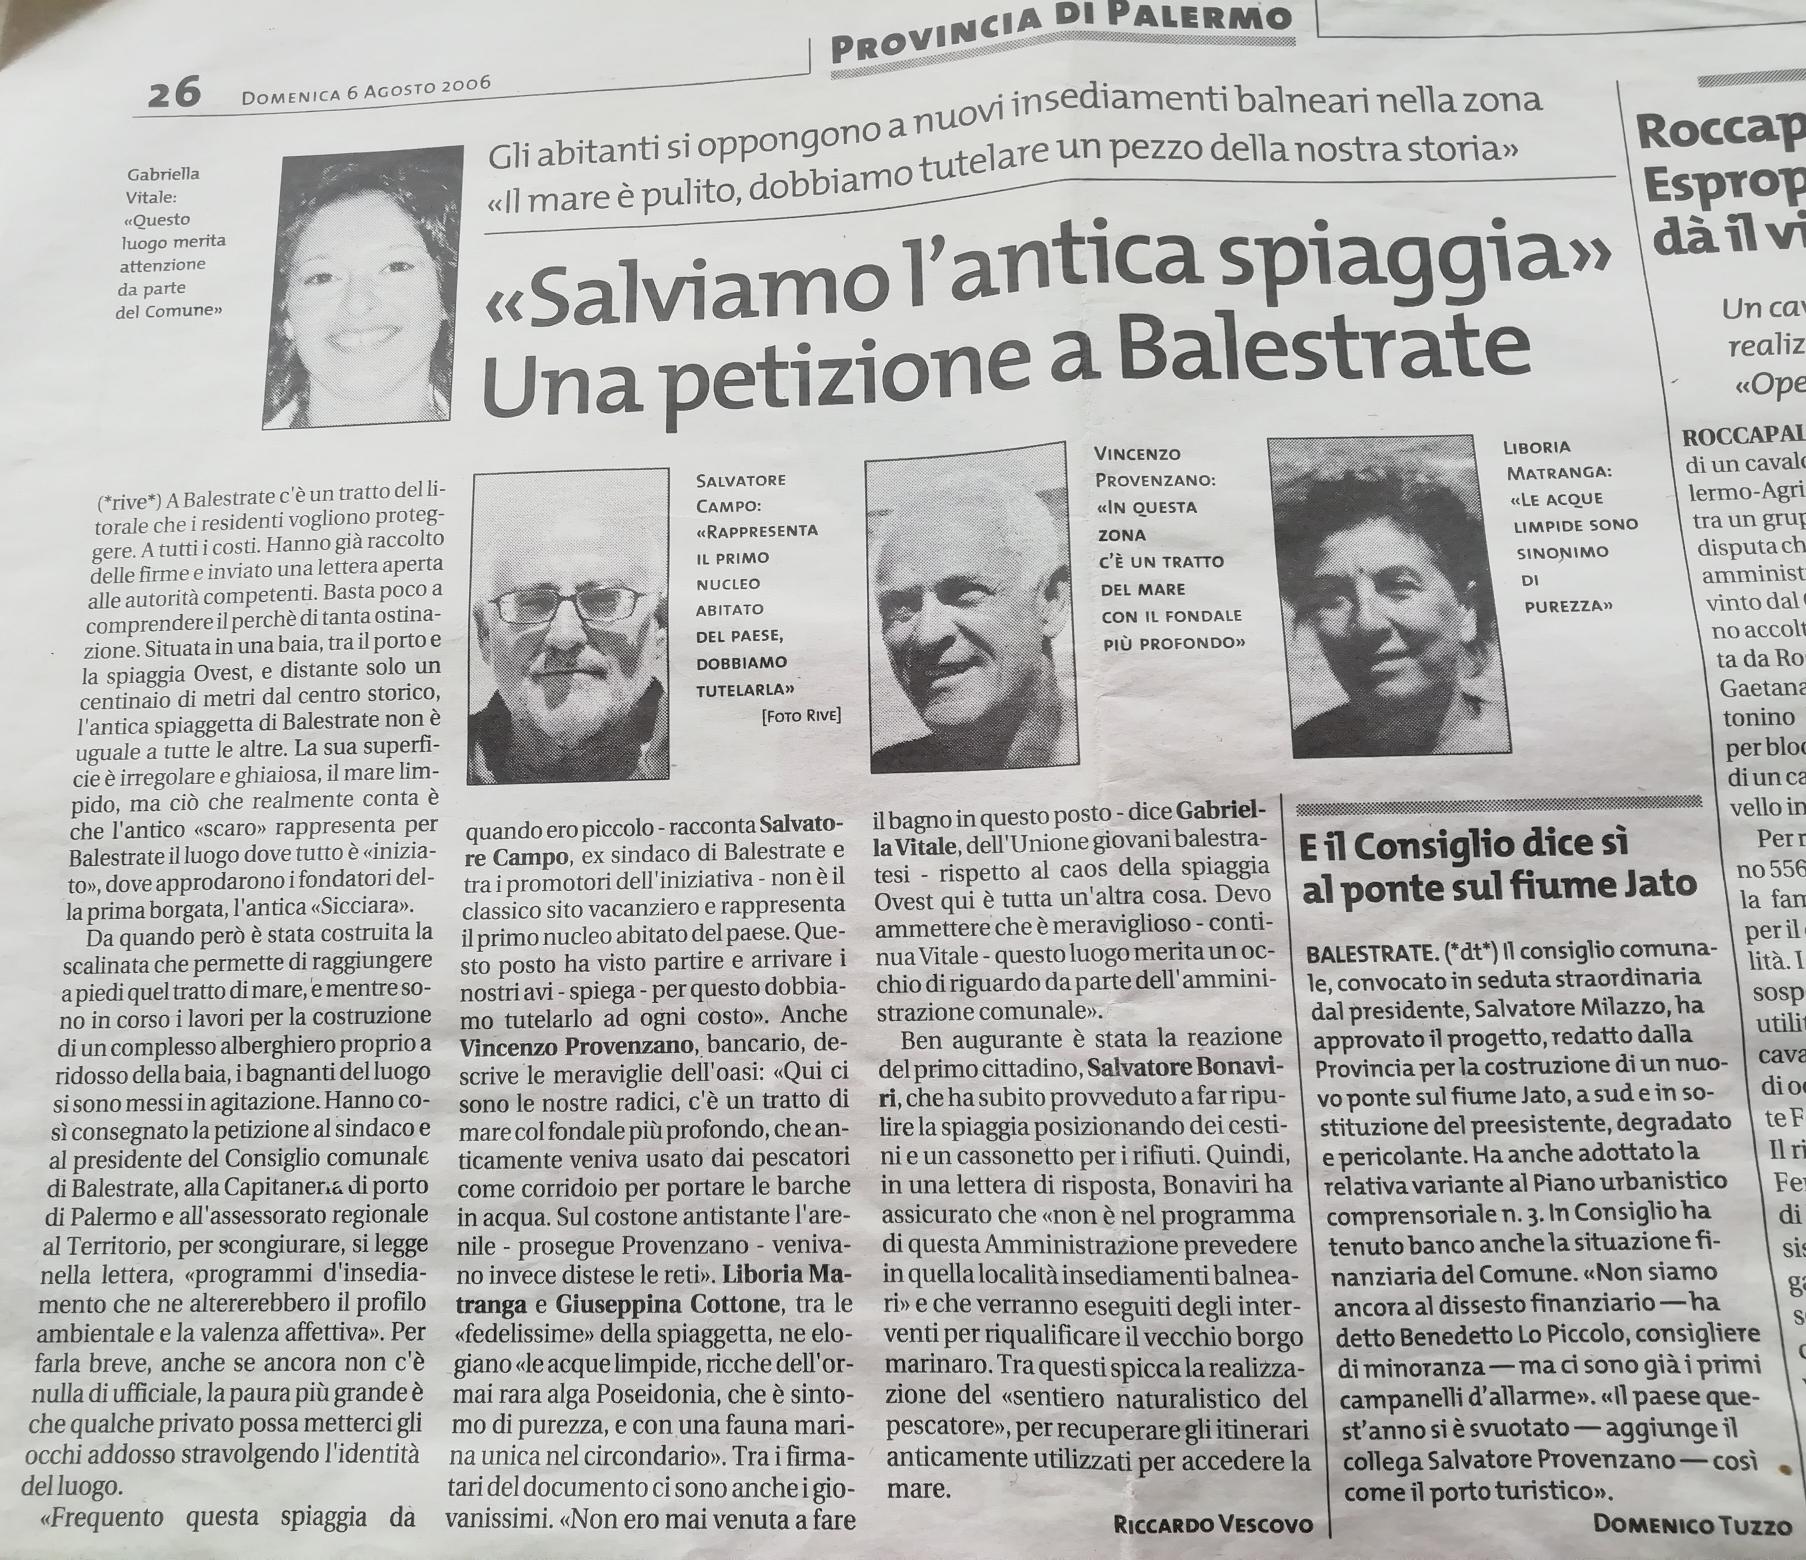 Spiaggia pescatori Balestrate, articolo Giornale di Sicilia